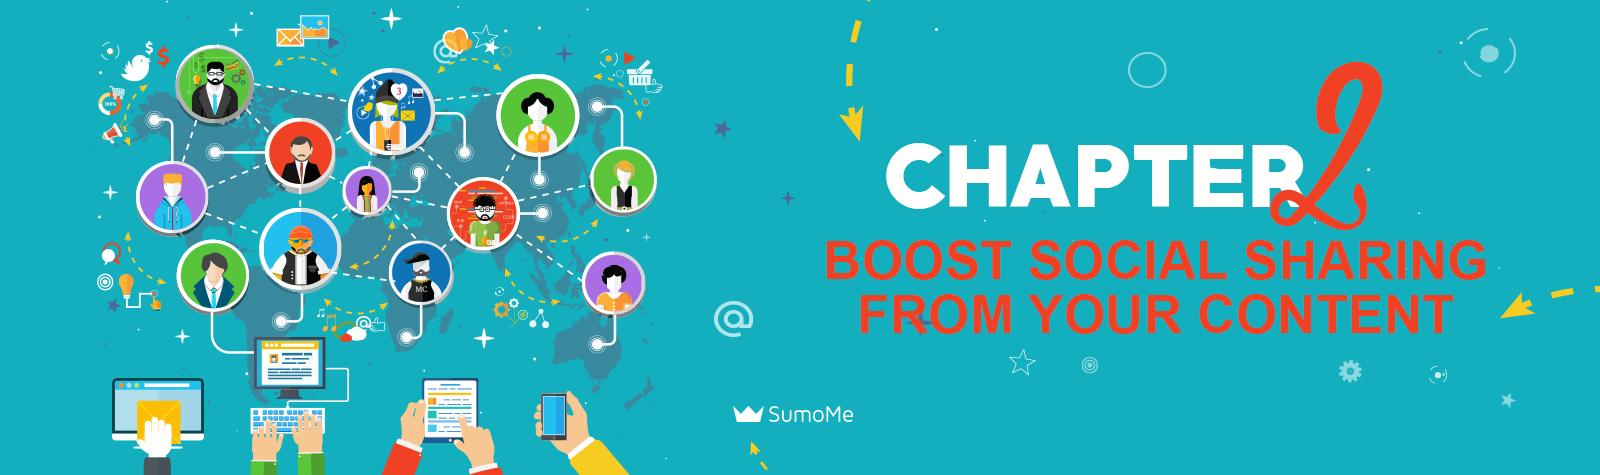 social sharing chapter 2